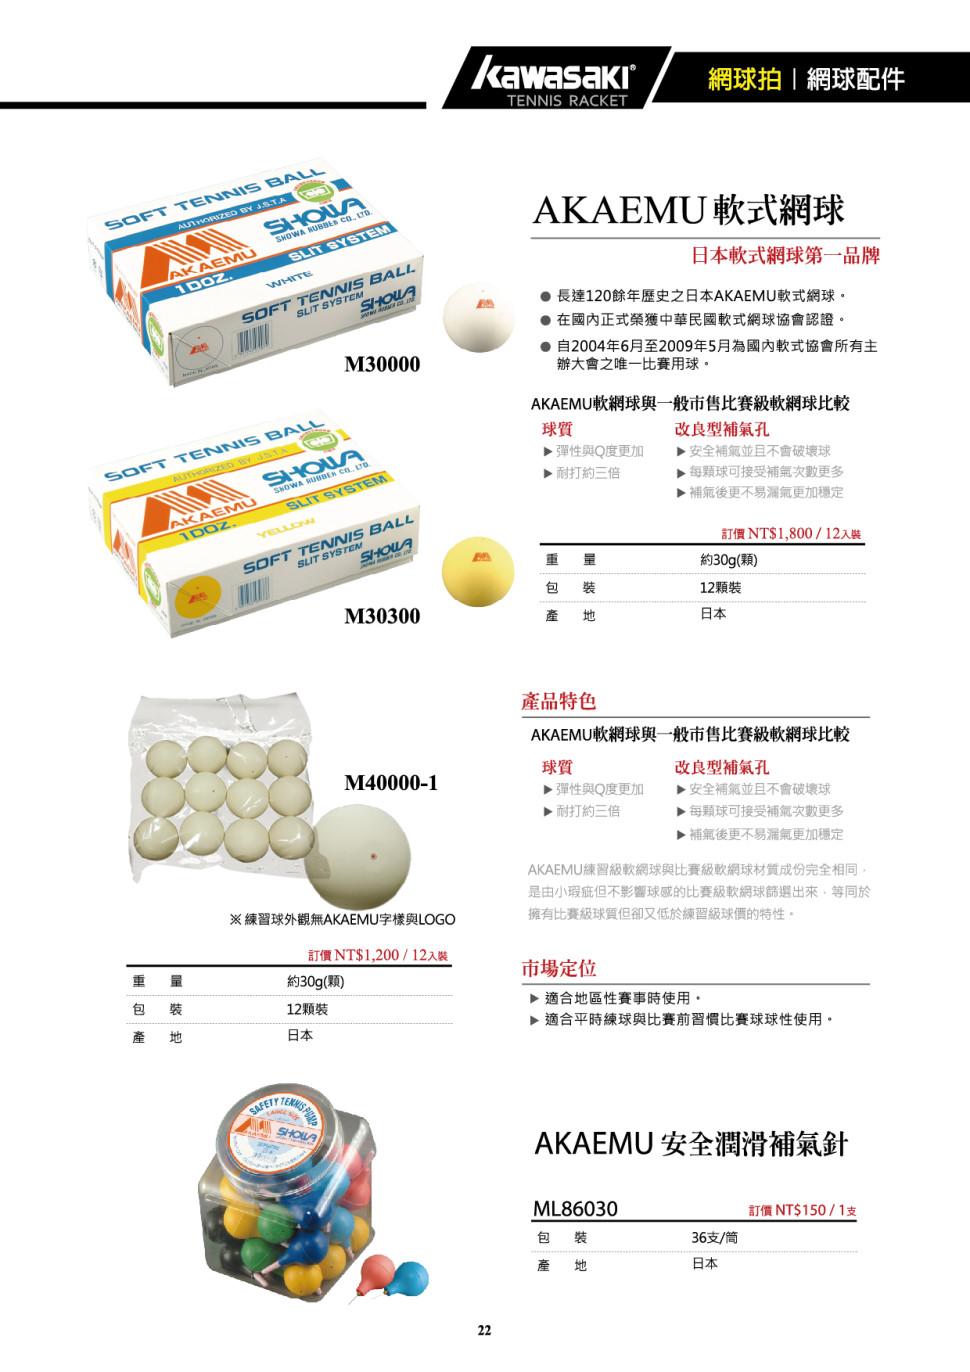 AKAEMU 軟式網球�AKAEMU 安全潤滑補氣針